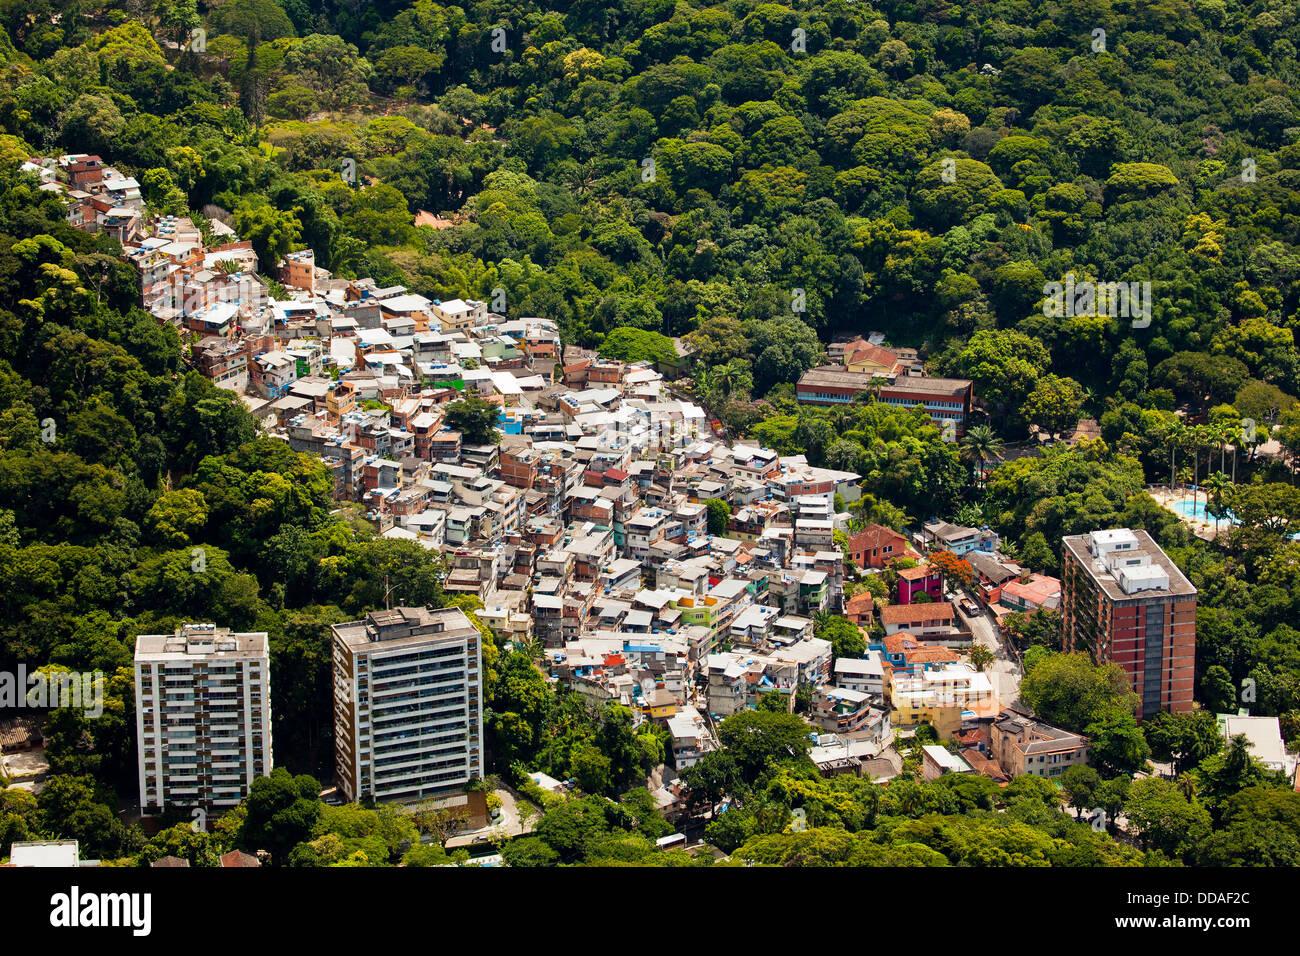 Favela Vila Parque da Cidade in the upper class neighborhood of Gávea, Rio de Janeiro south zone, Brazil. - Stock Image